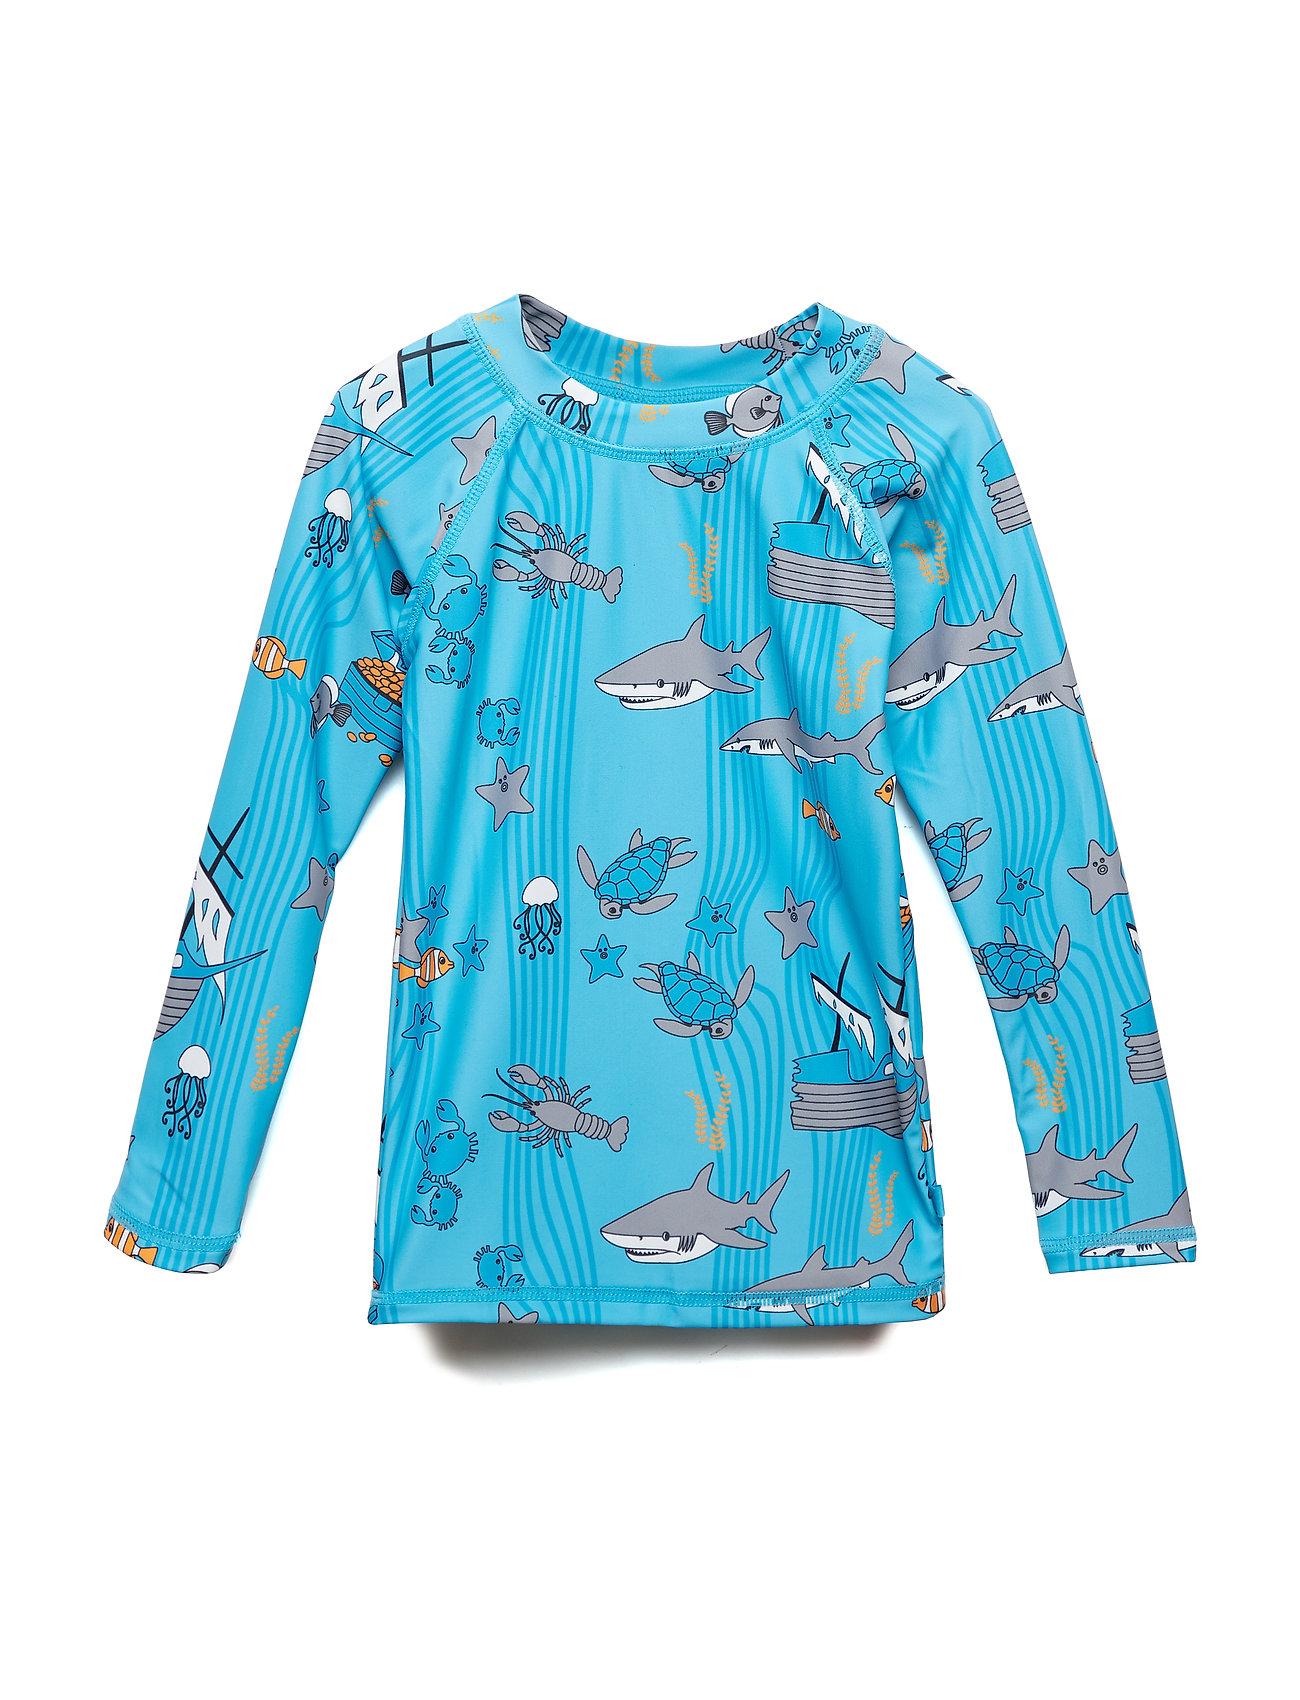 Småfolk Swim T-shirt, LS. Sea world - BLUE ATOLL